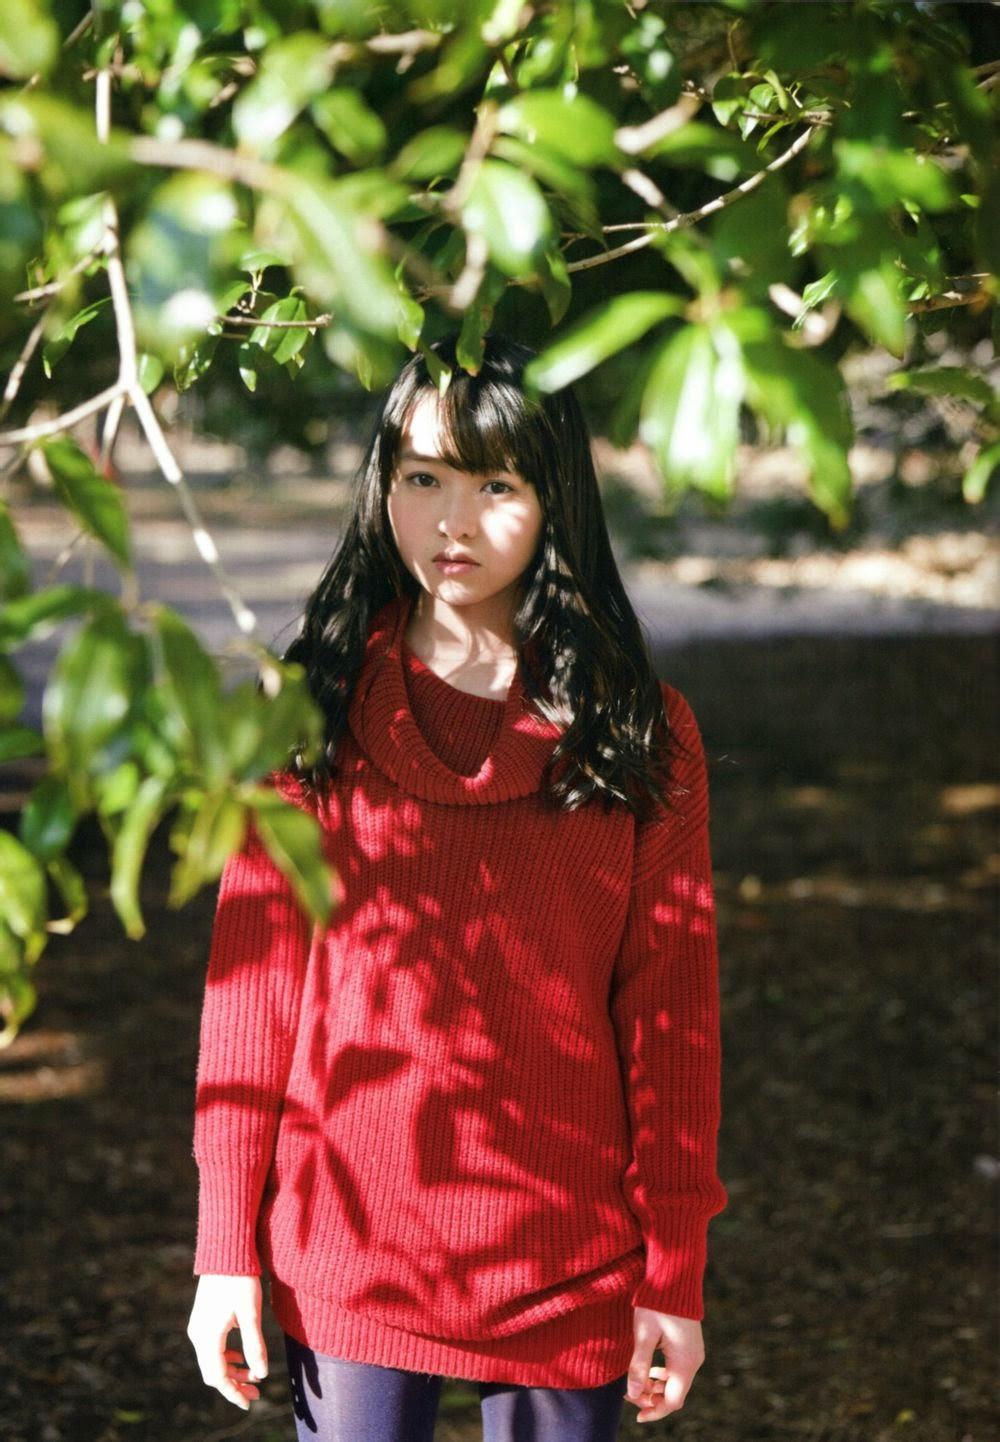 赤の可愛い衣装を着ている伊藤万理華の画像♪